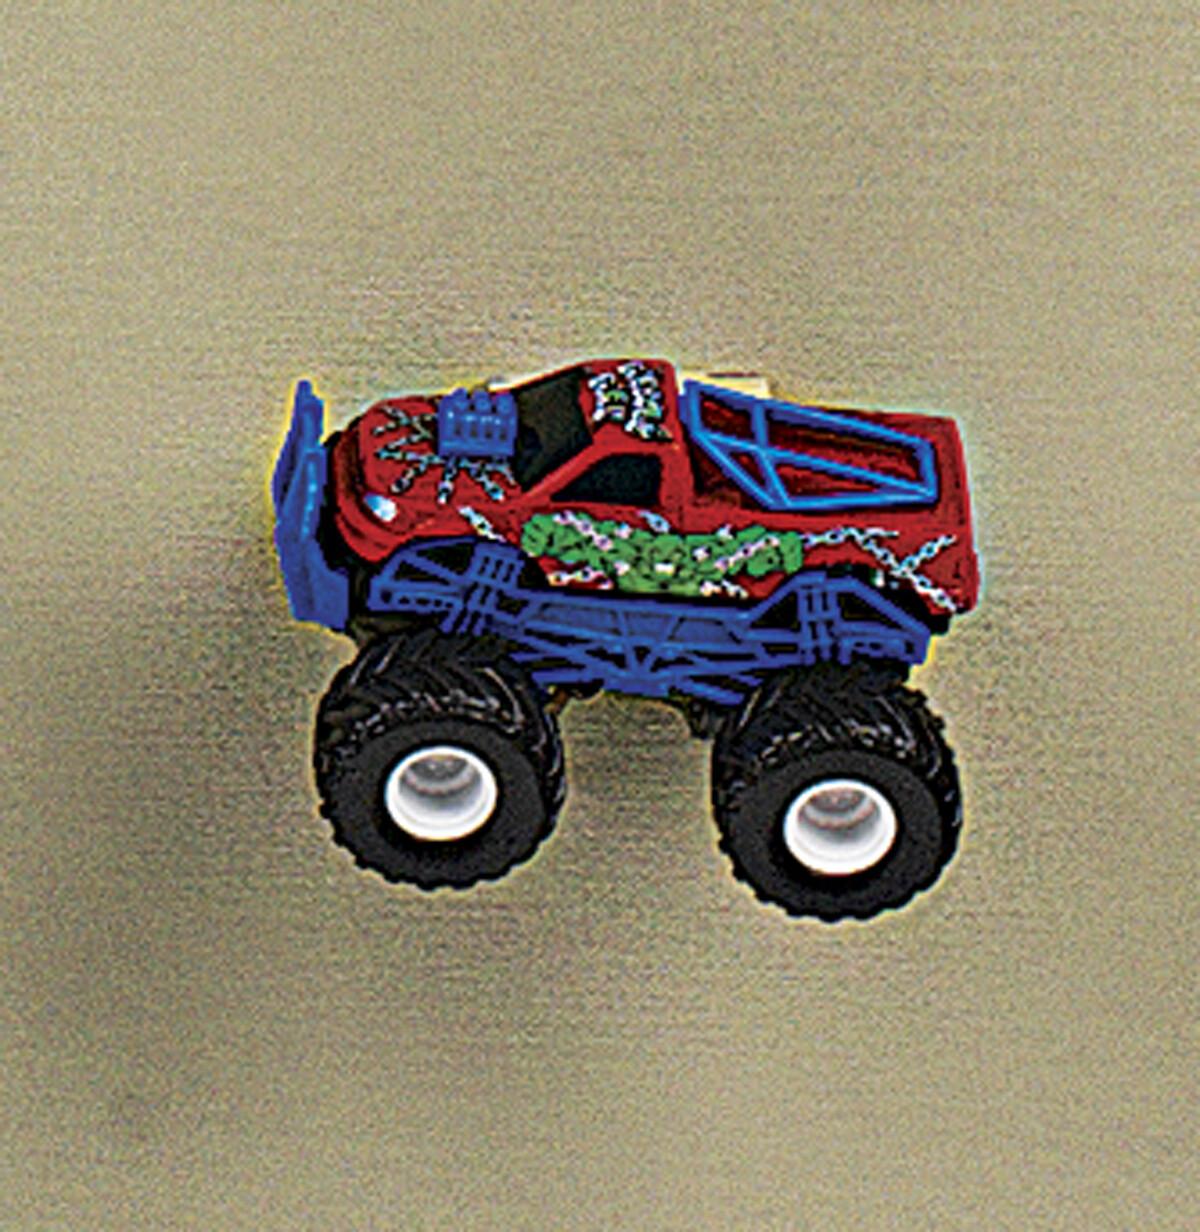 50706 MONSTER TRUCK 4X4